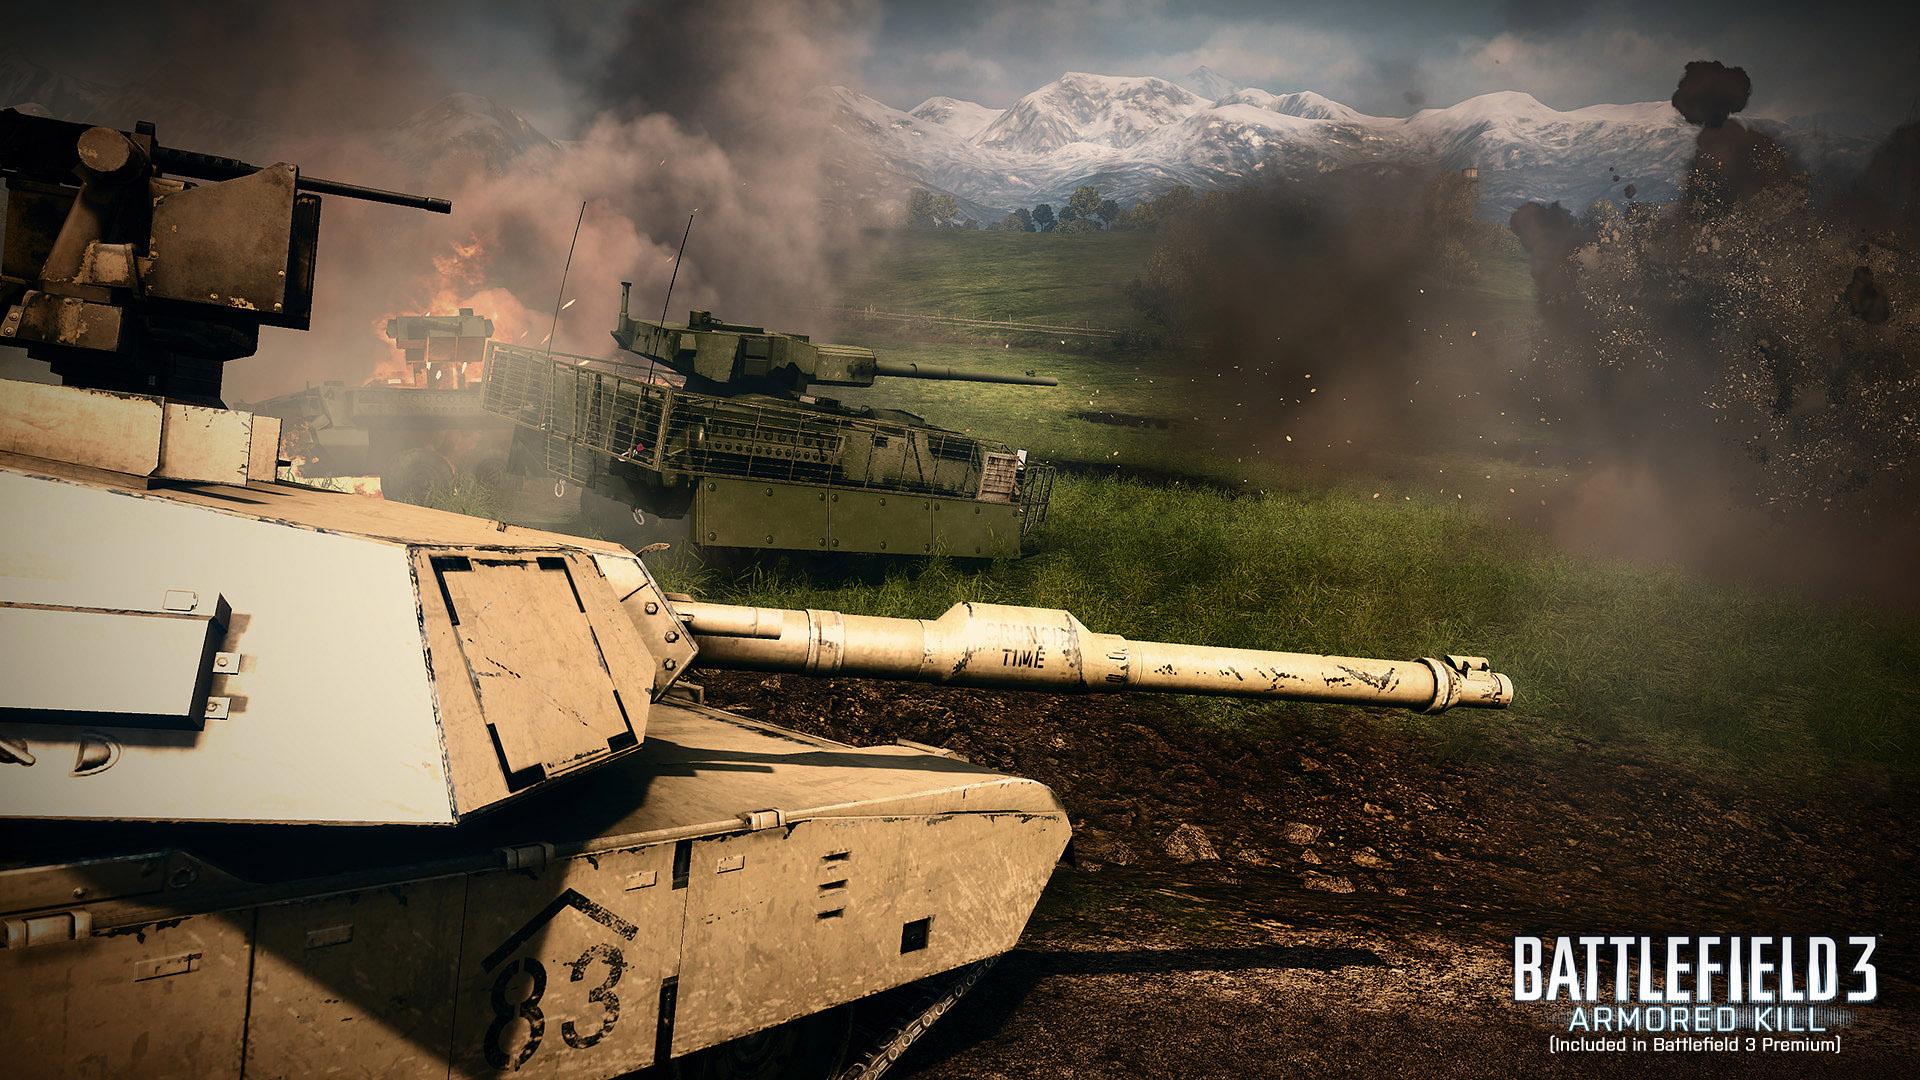 První trailer z Armored Kill DLC k Battlefield 3 68201